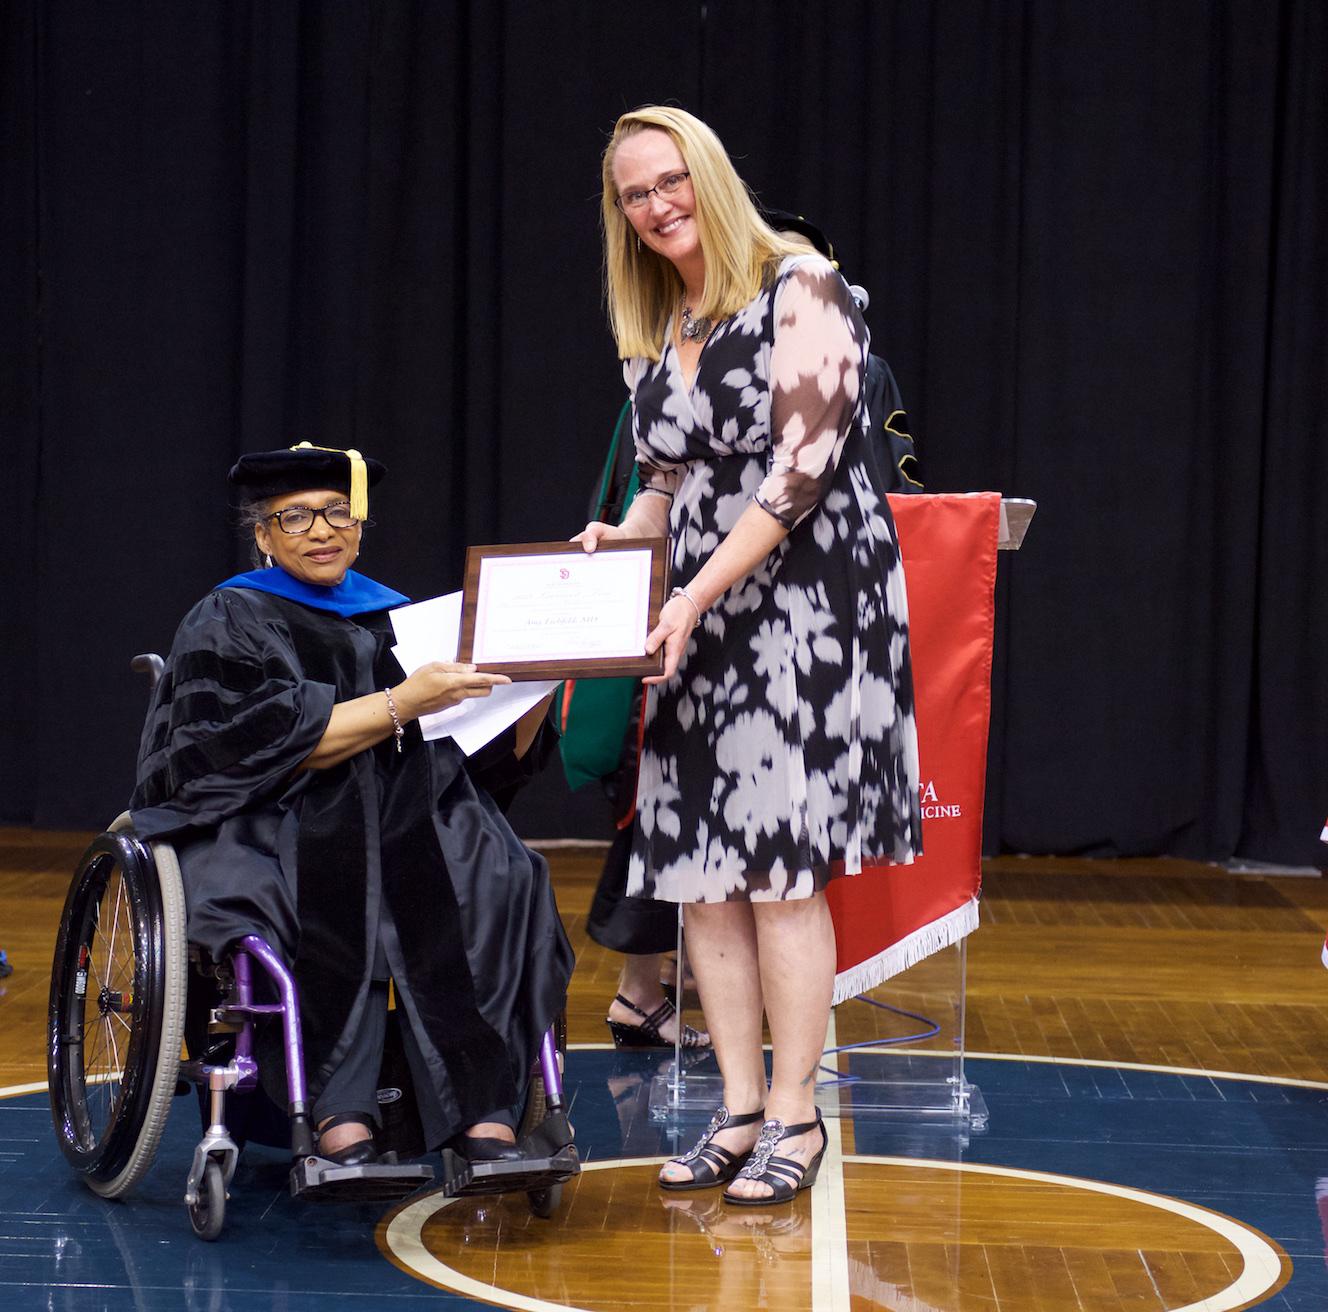 Dr. Eichfeld Receives USD Sanford School of Medicine Faculty Award